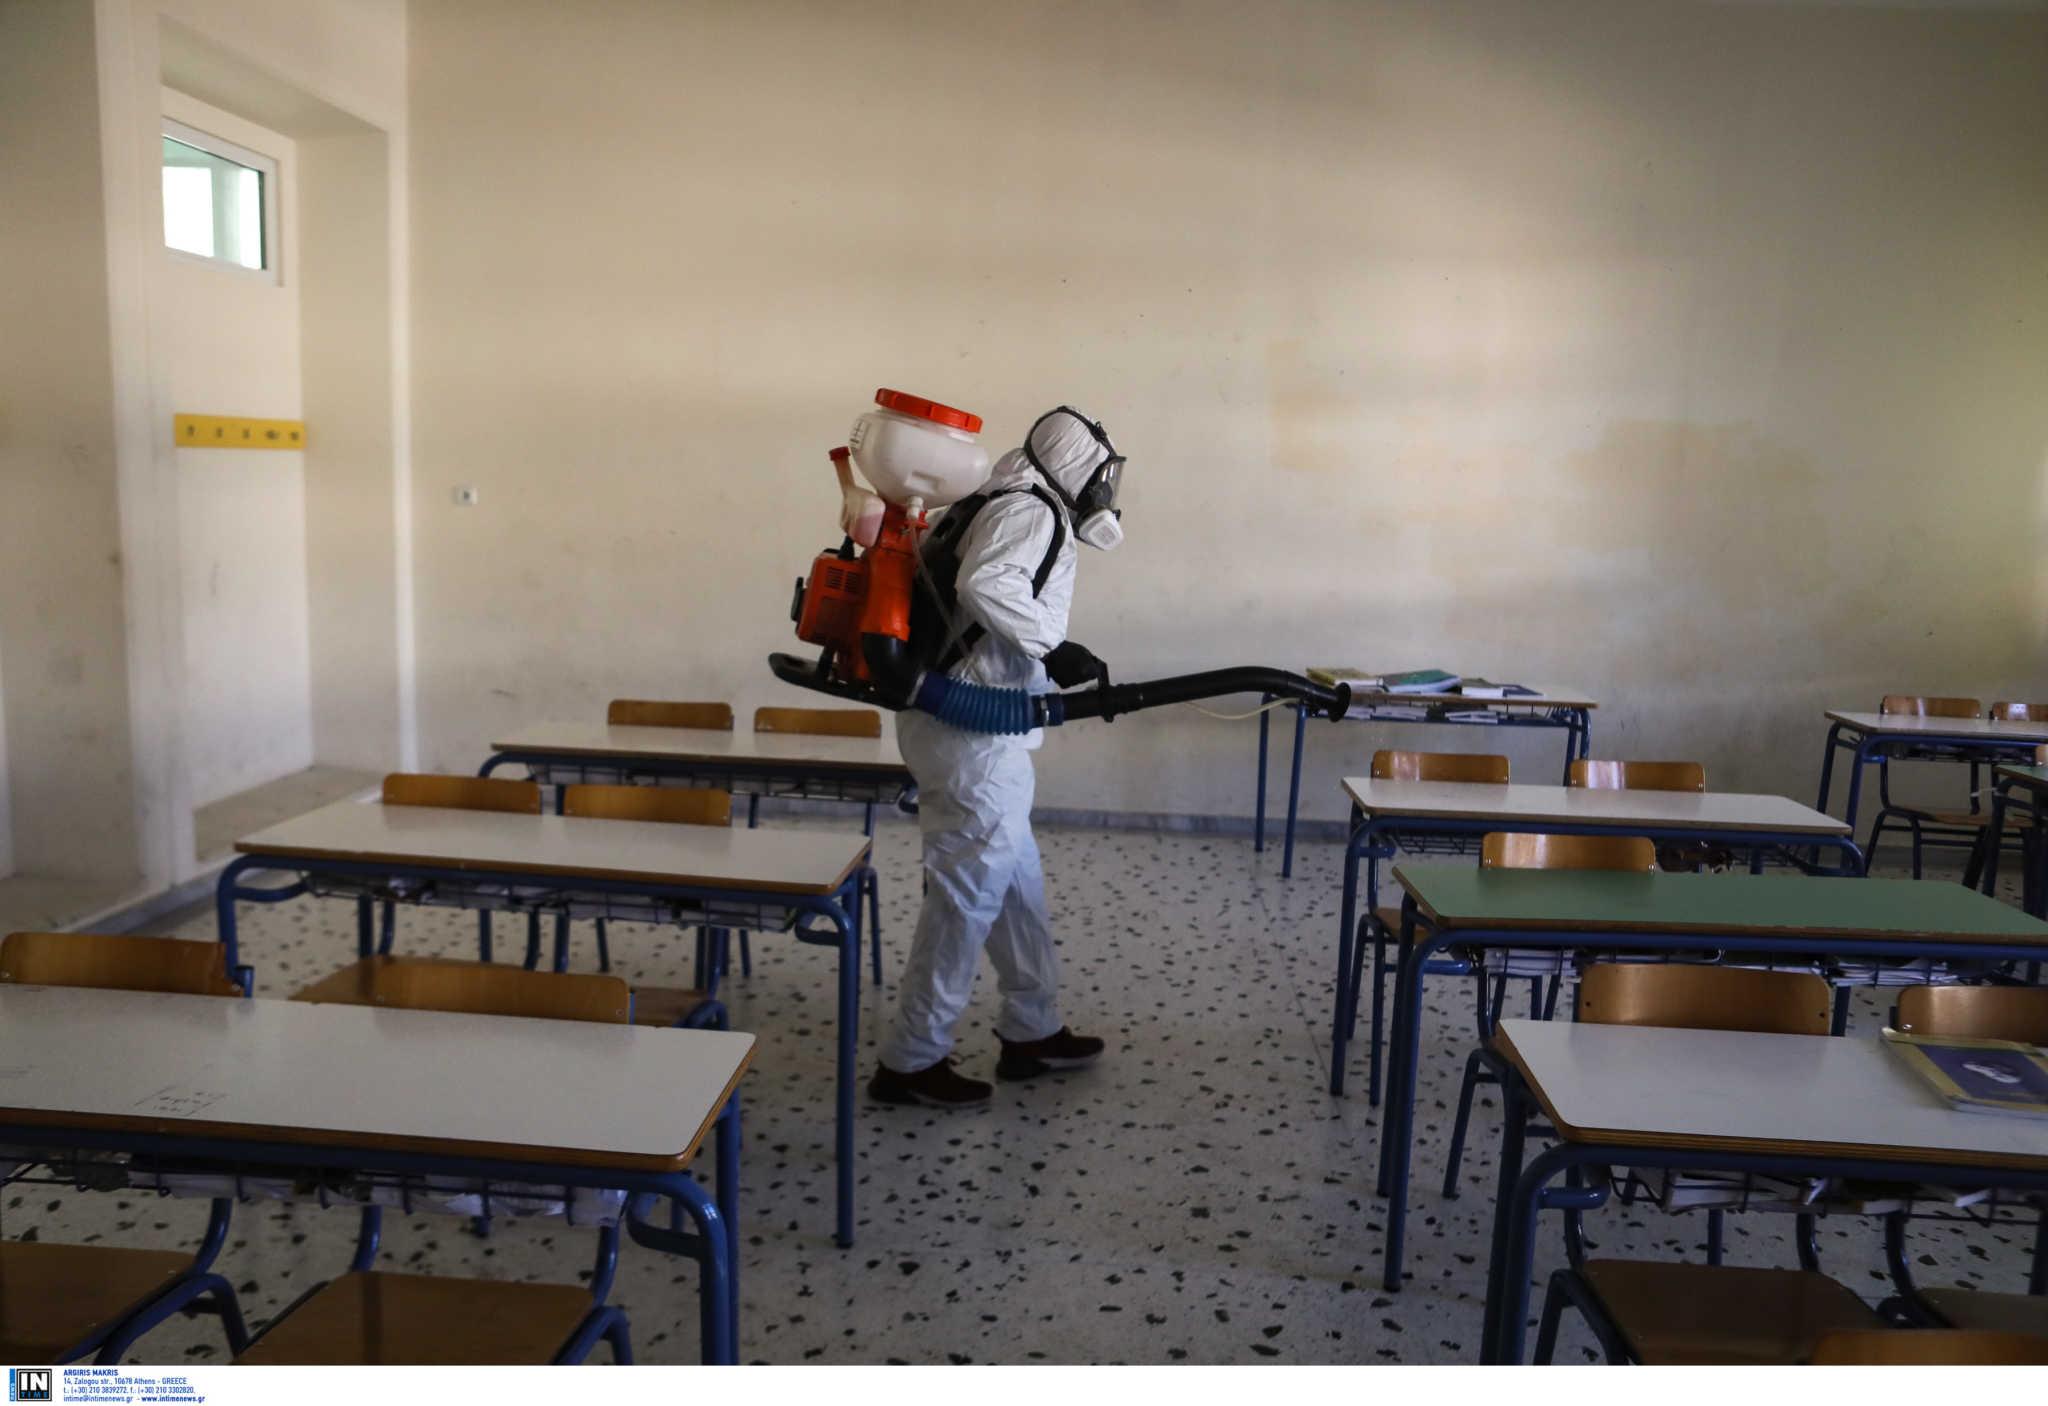 Πάτρα: Μάνα που συμμετείχε σε κατάληψη σχολείου κατά της μάσκας… βρέθηκε με κορονοϊό! Είναι υπάλληλος του νοσοκομείου